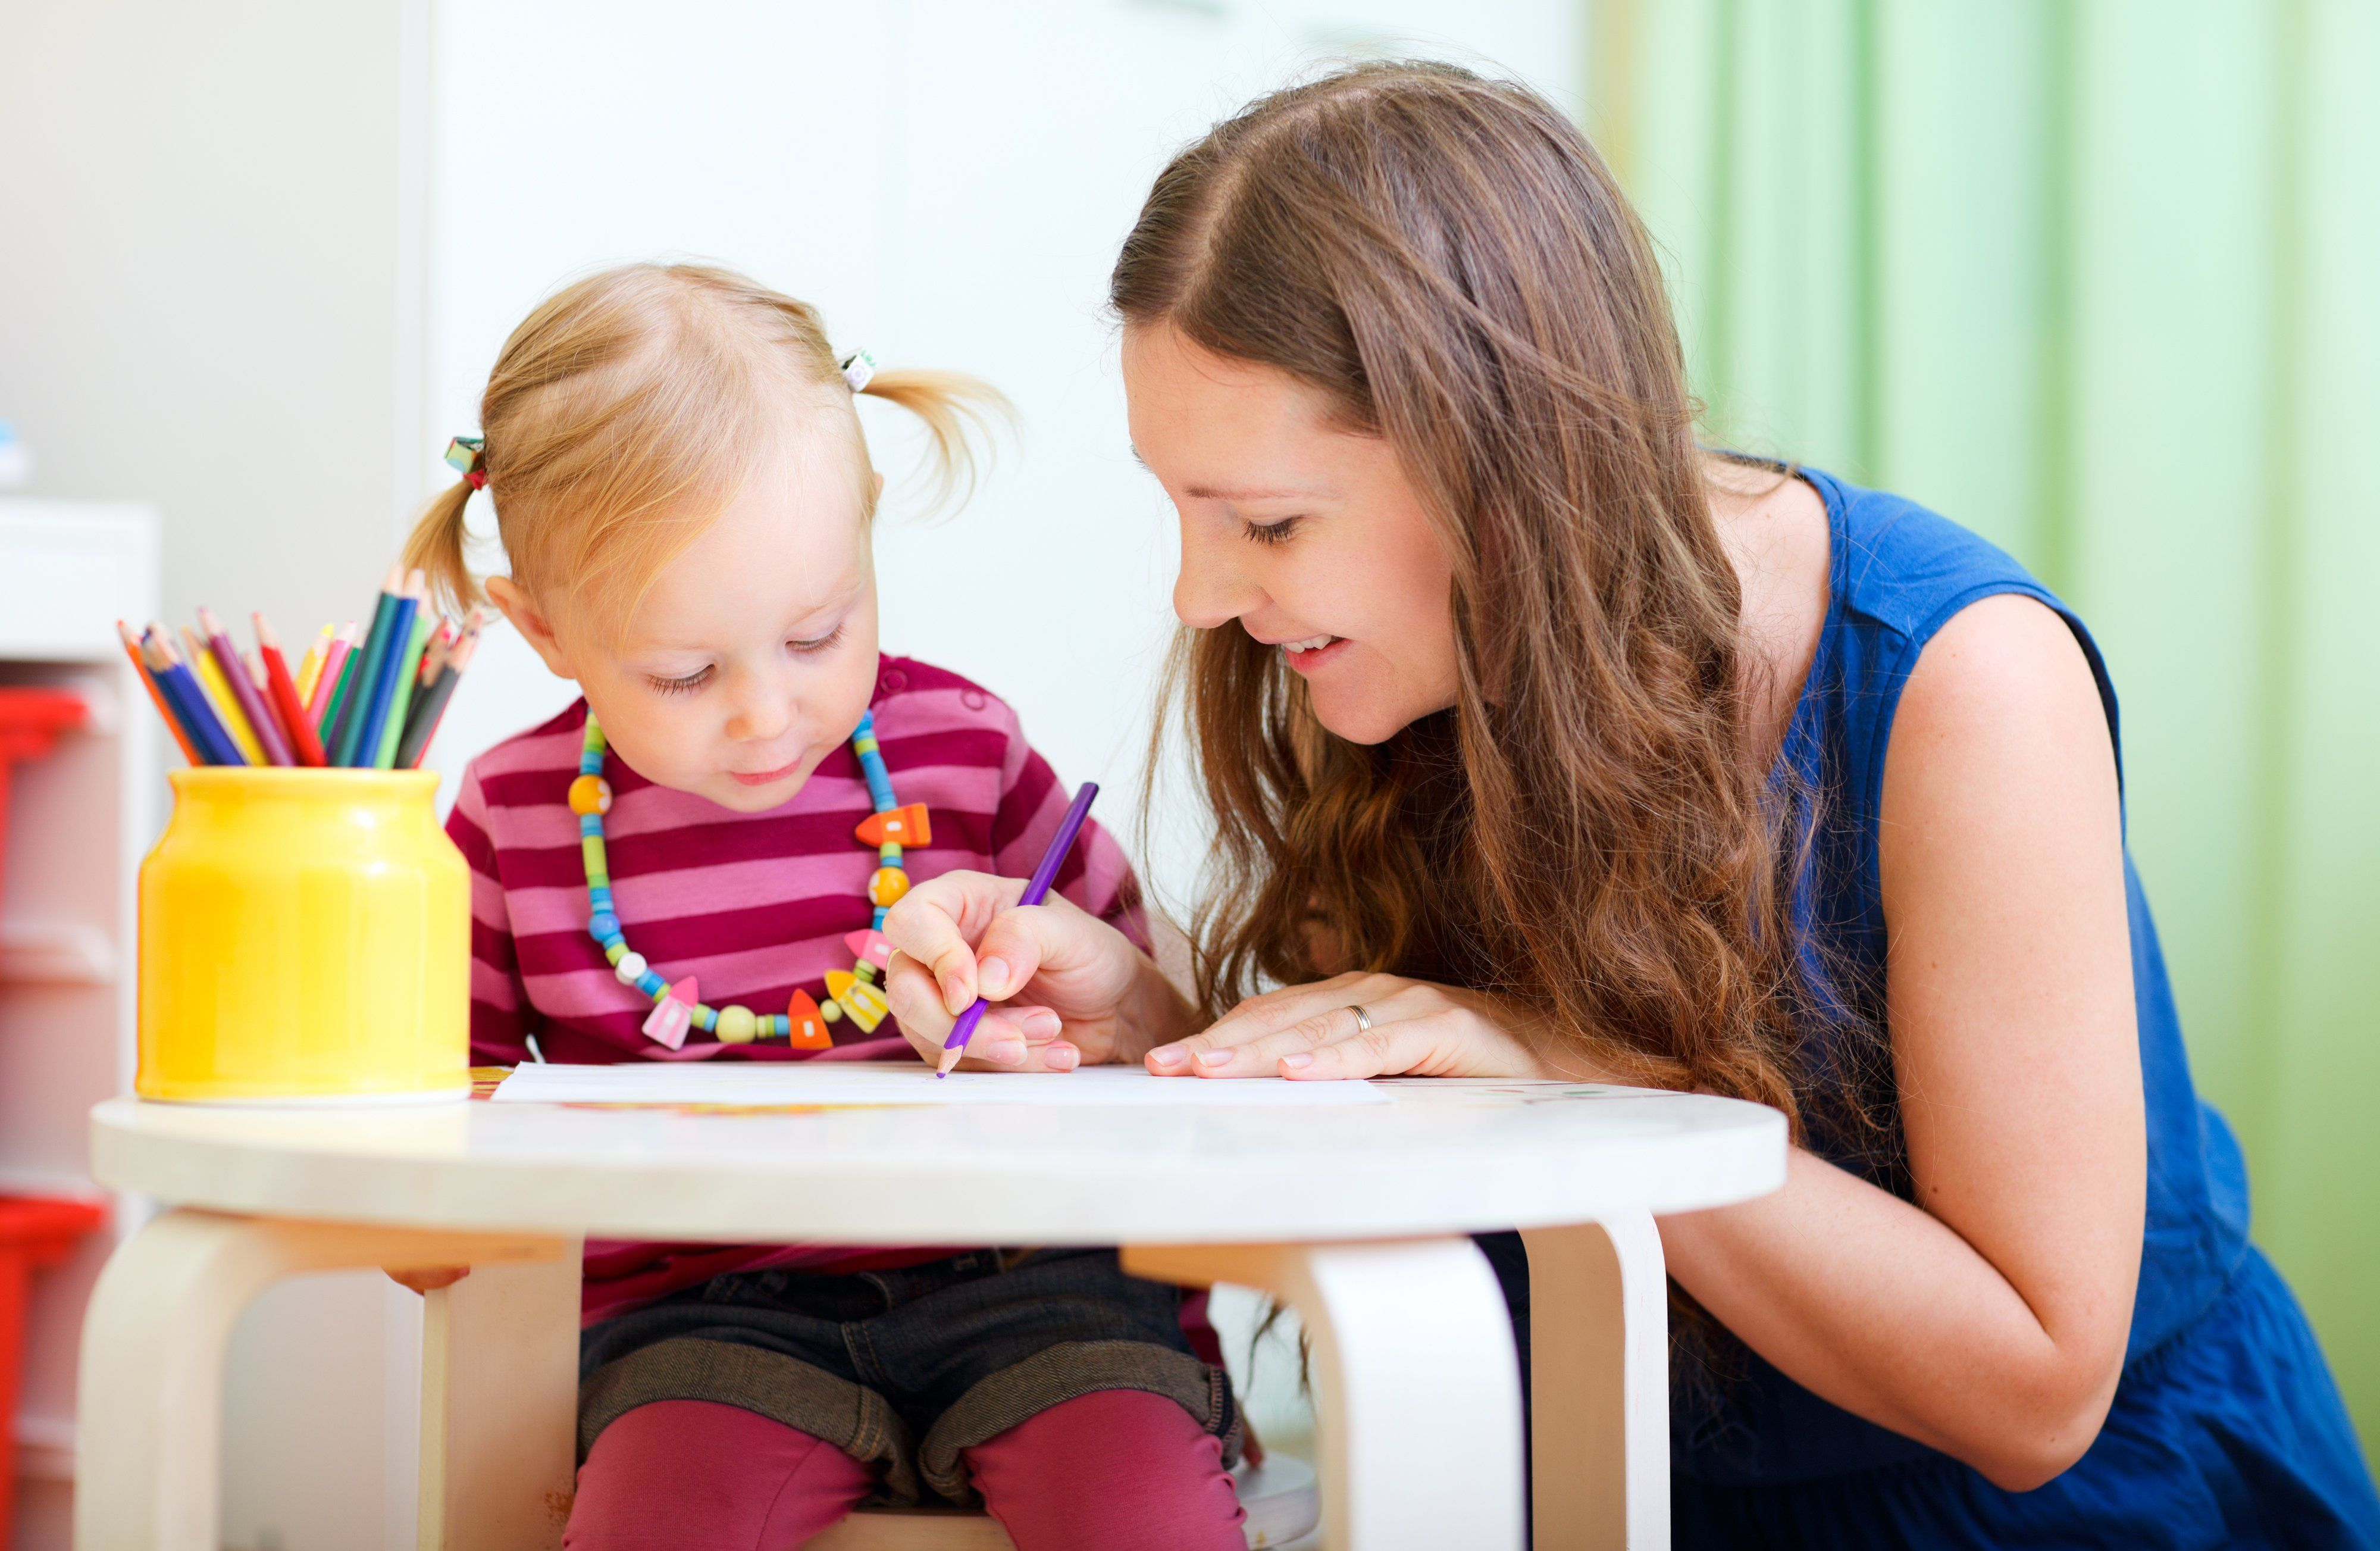 Смотреть волнующие уроки матери и дочери 16 фотография